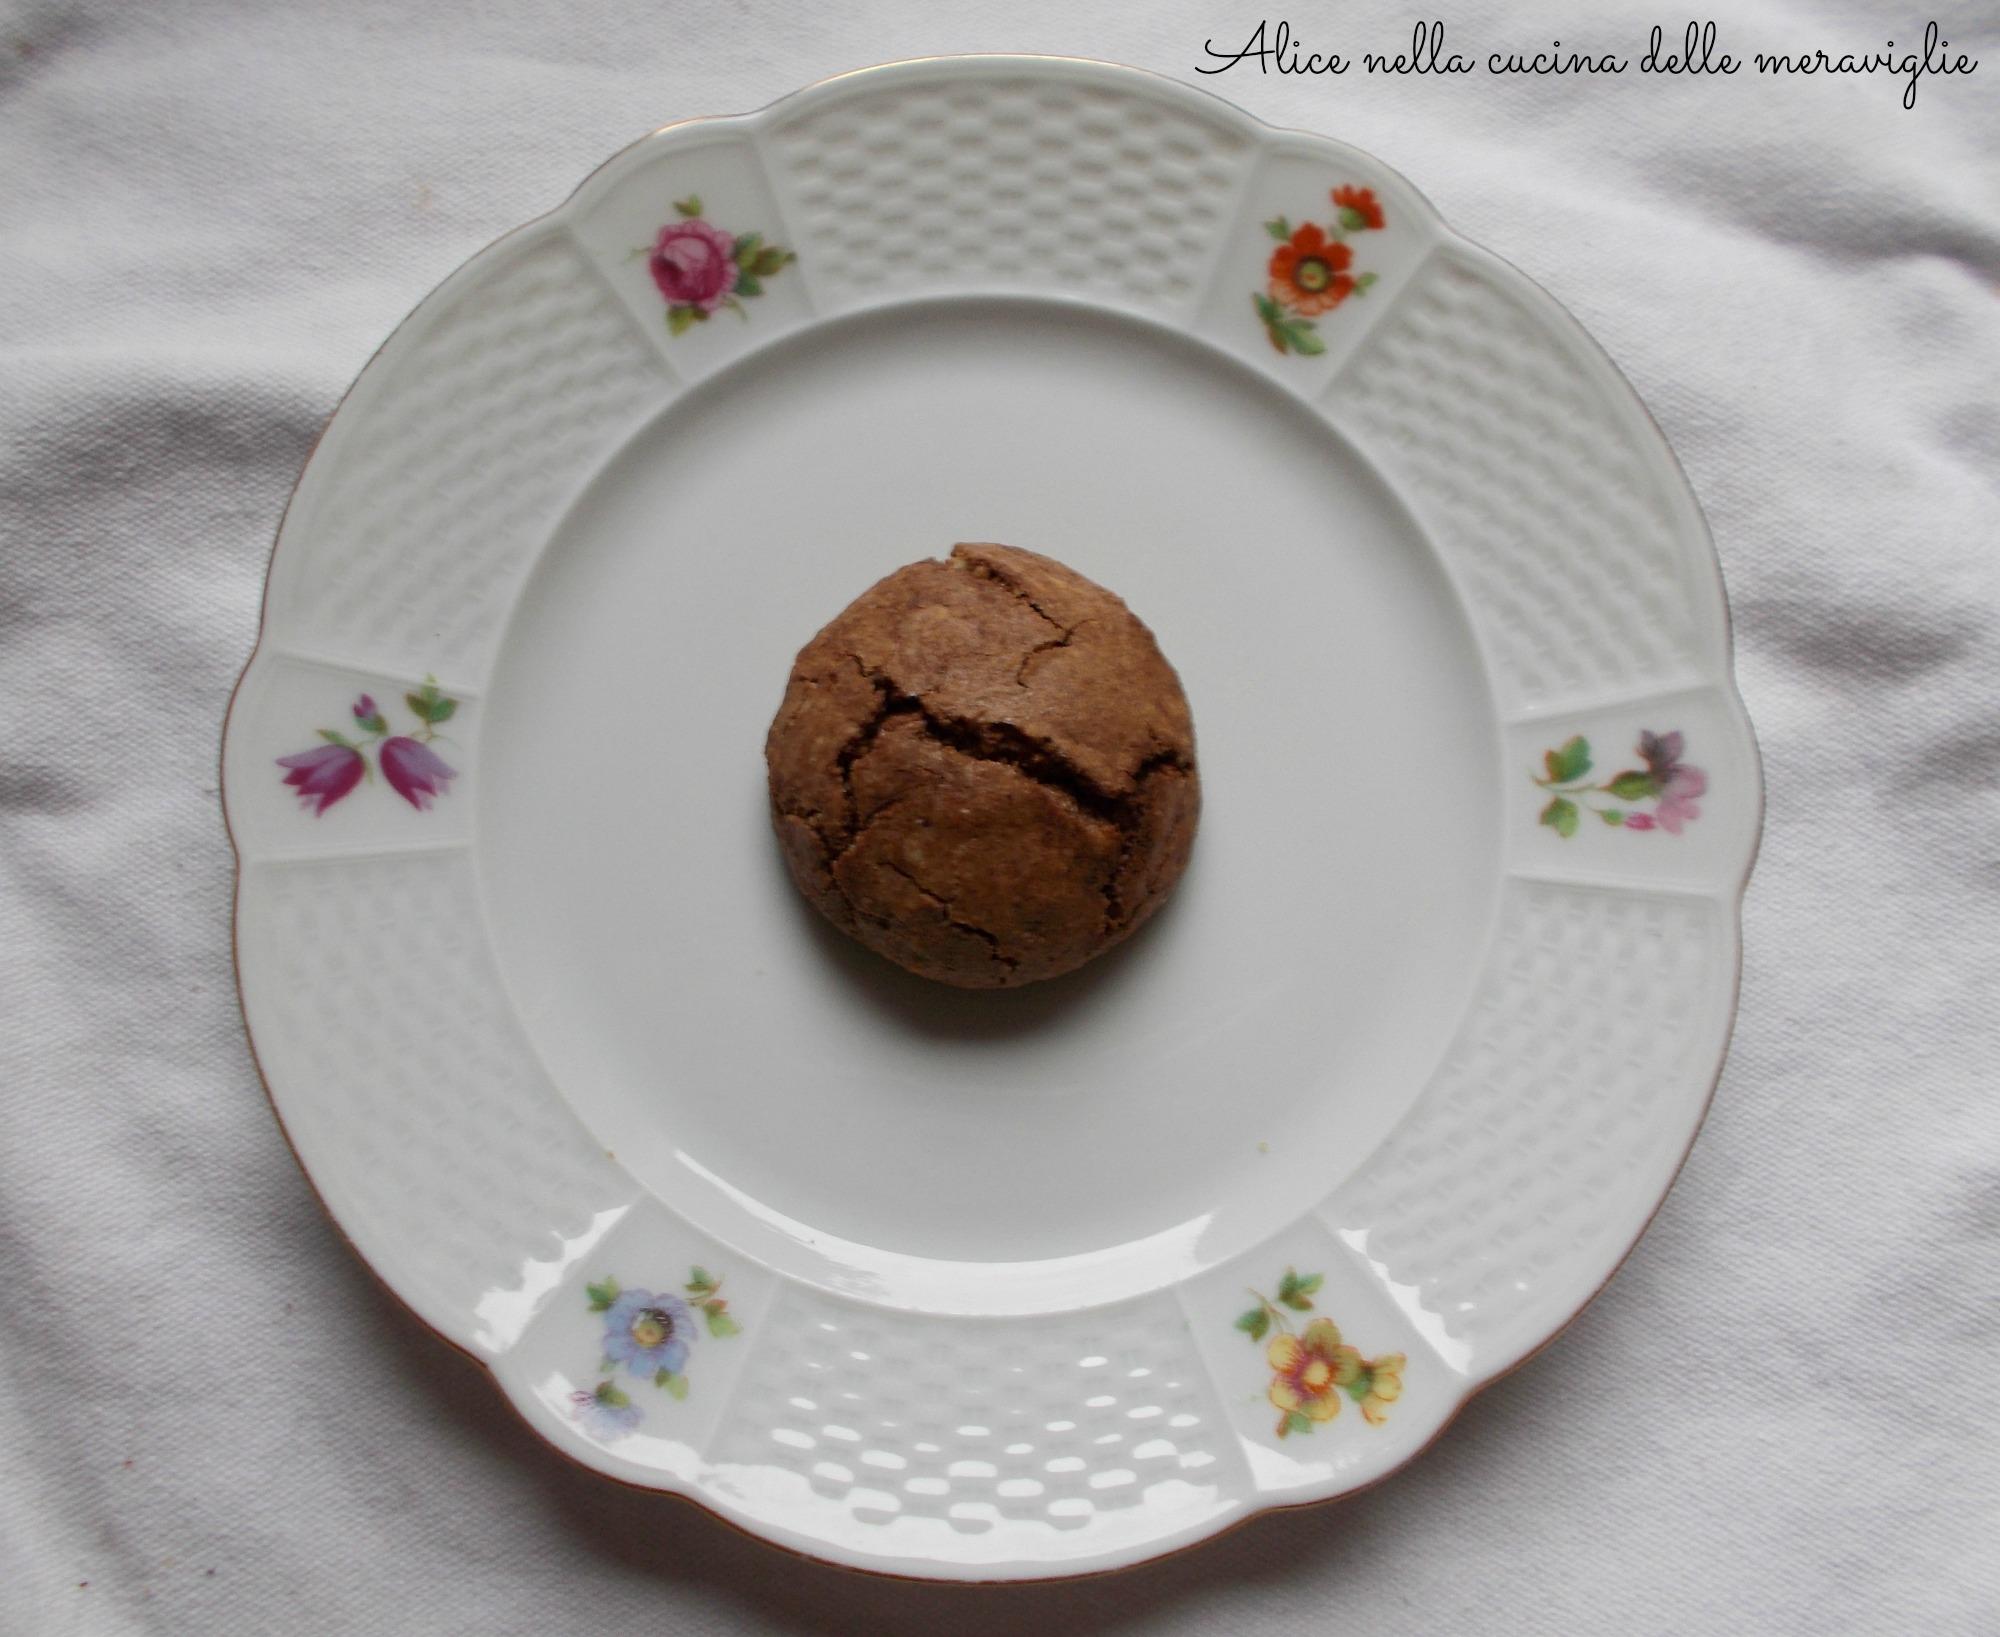 Biscotti morbidi alle mandorle e cioccolato Ricetta dolce Alice nella cucina delle meraviglie